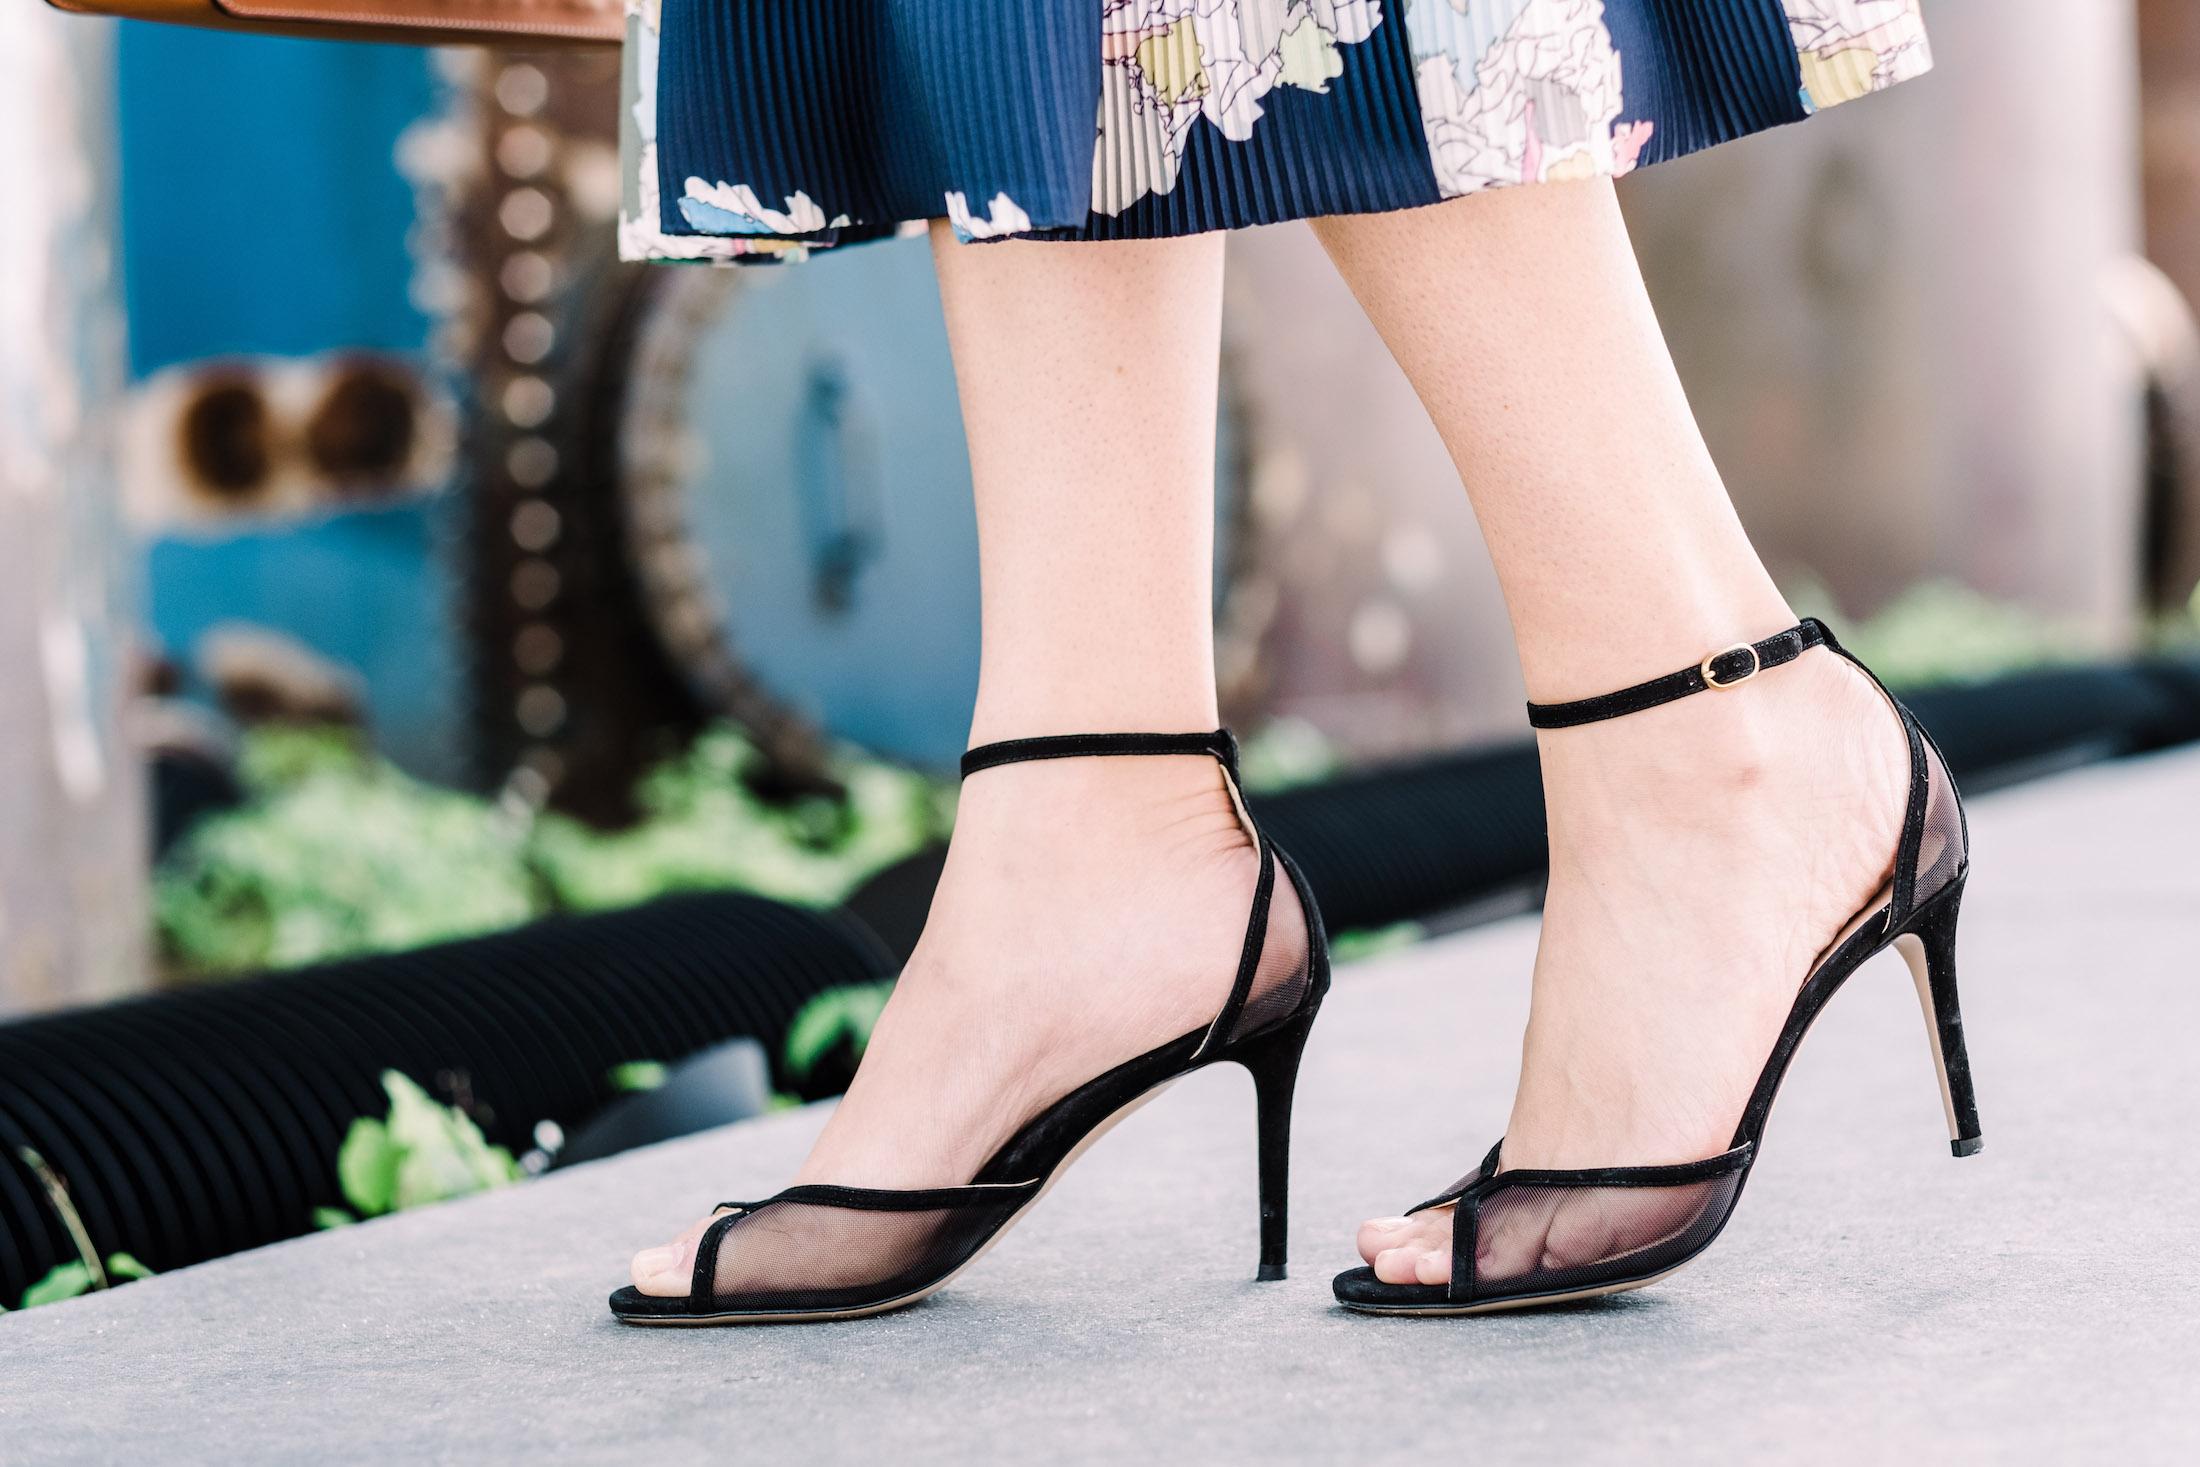 MARION PARKE Lolita Sandal in Black - The Stripe